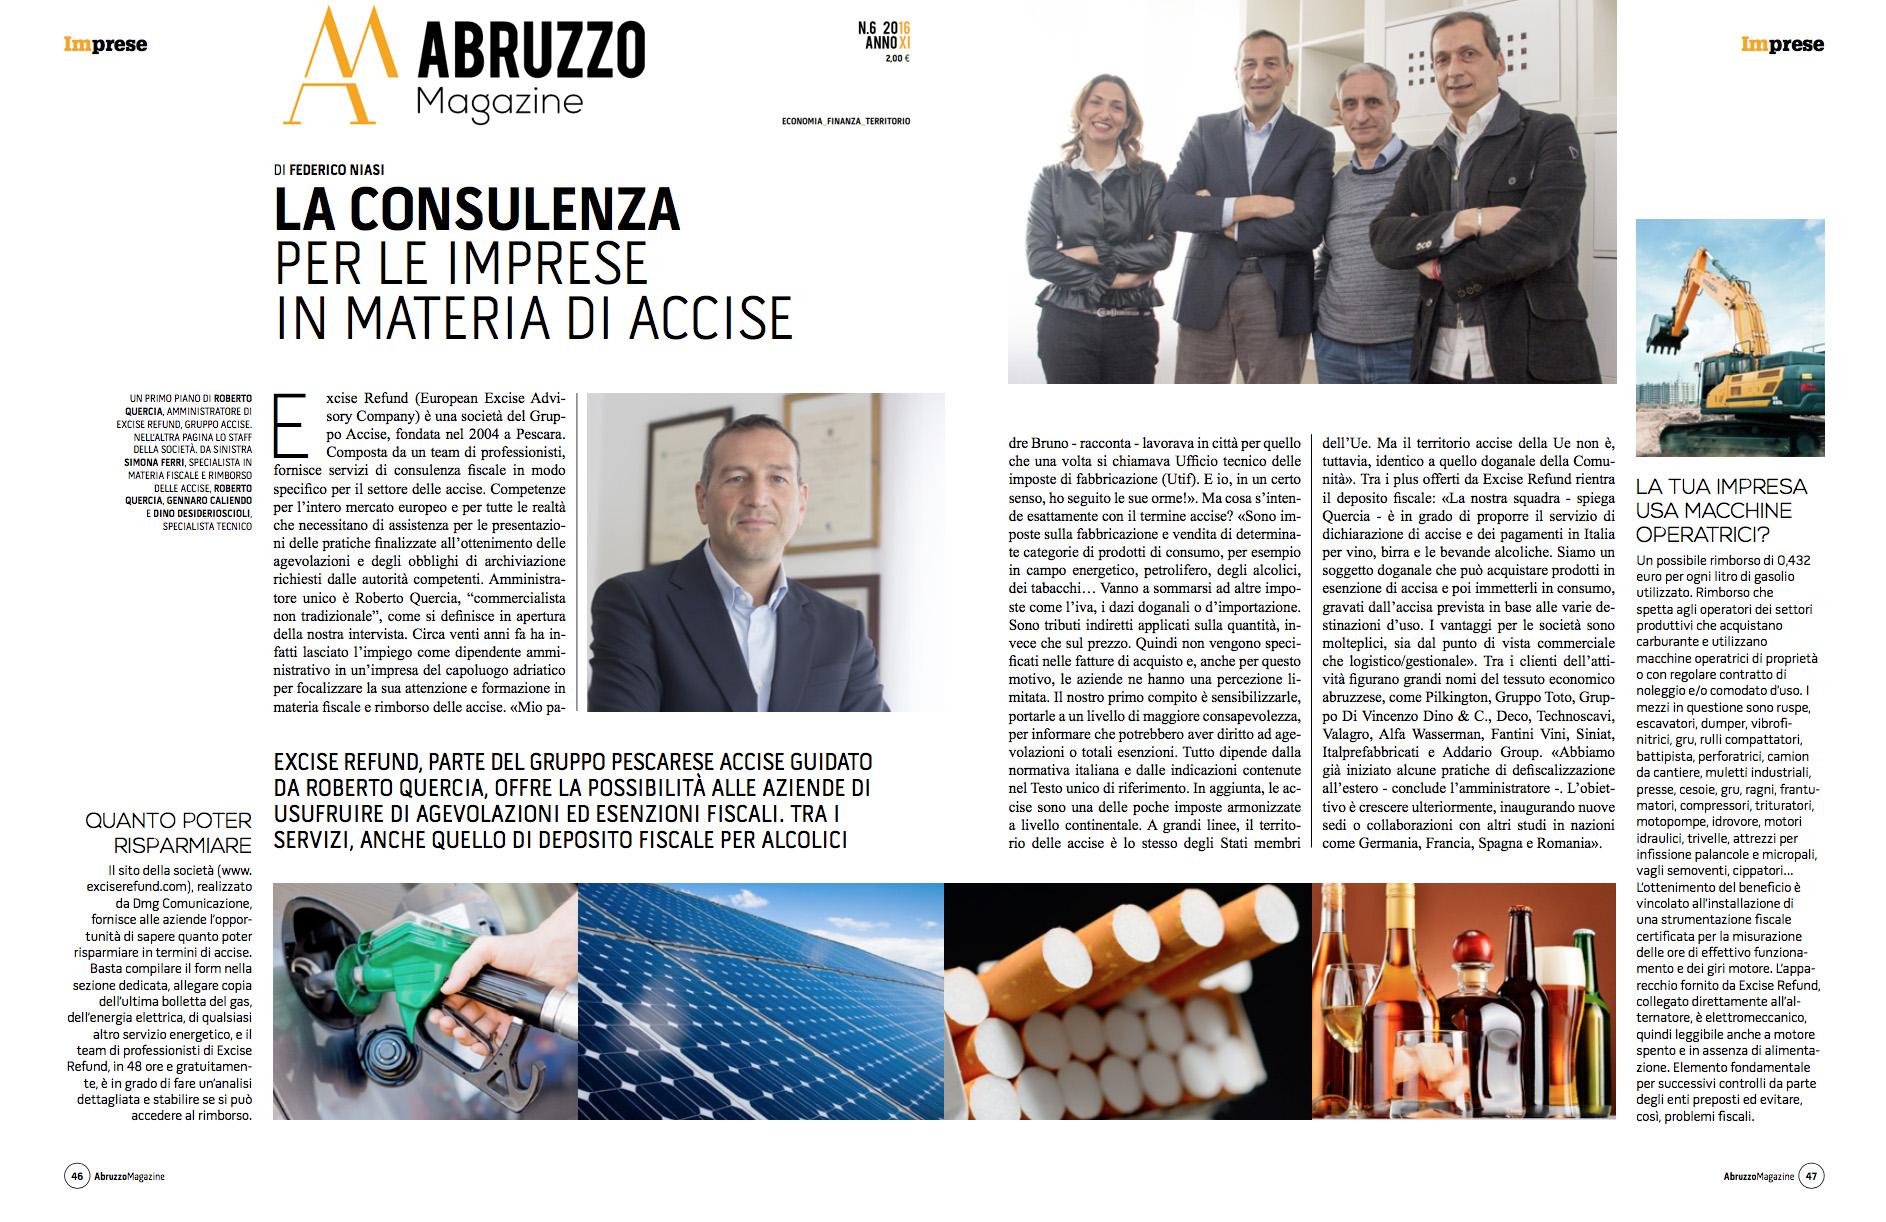 abruzzo magazine - excise refund - dmg comunicazione